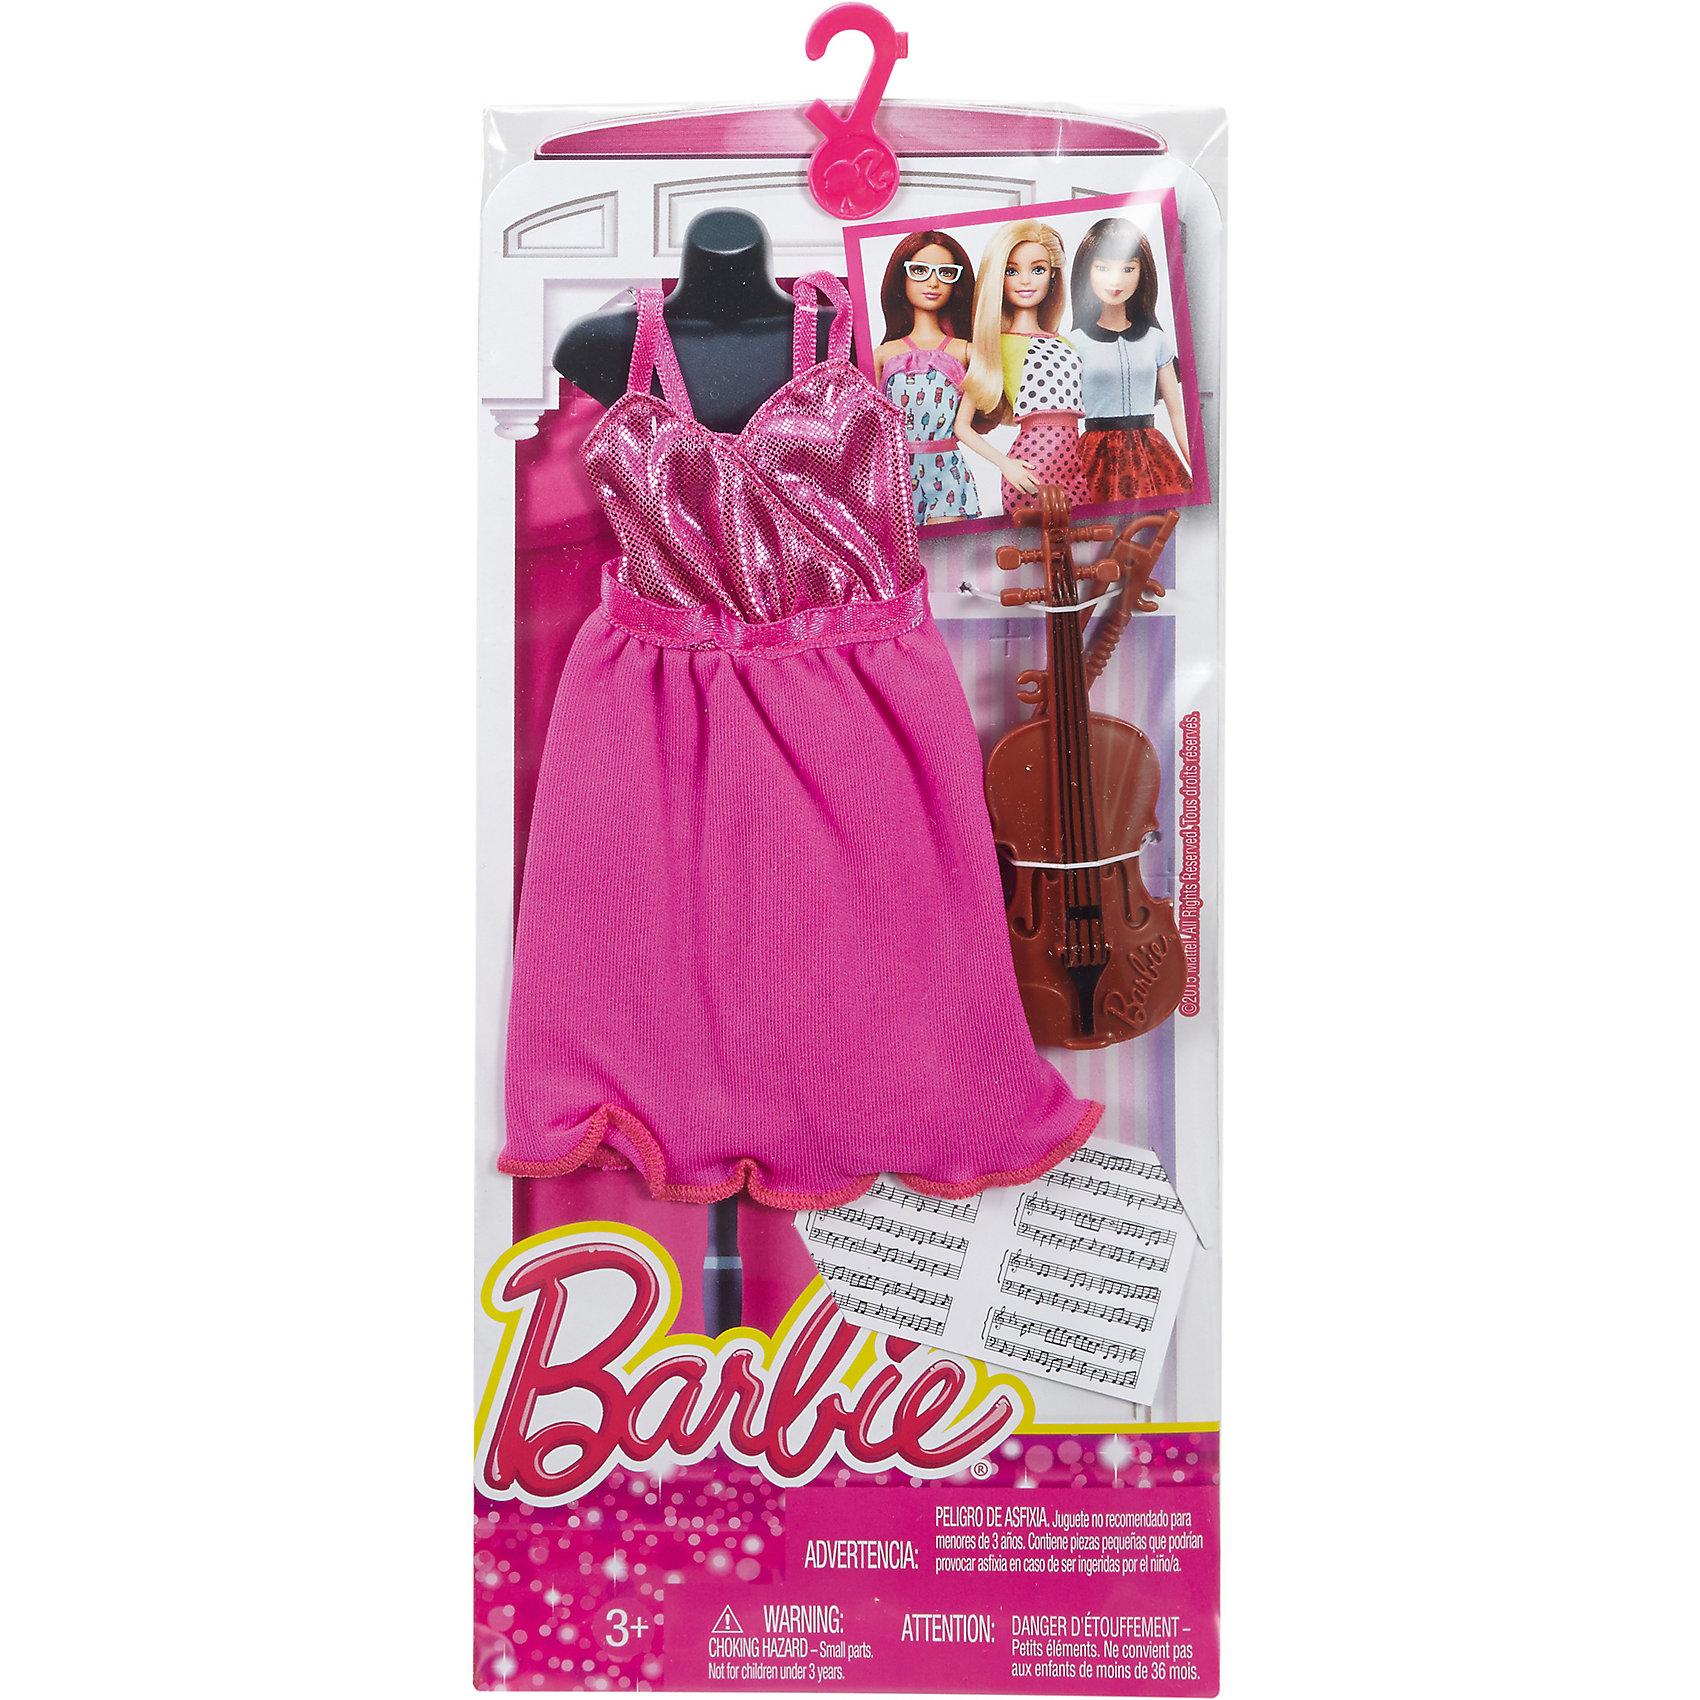 Наряд для Барби Профессии. Музыкант, BarbieКукольная одежда и аксессуары<br>Характеристики товара:<br><br>• возраст от 3 лет;<br>• материал: пластик, текстиль;<br>• в комплекте: наряд, аксессуары;<br>• размер упаковки 25,5х11,5х1,5 см;<br>• вес упаковки 89 гр.;<br>• страна производитель: Китай.<br><br>Наряд для Барби «Профессии. Музыкант» Barbie дополнит гардероб любимой куколки Барби. Он создаст ей образ музыканта. Наряд состоит из розового платья и дополнен скрипкой и нотами. Наряд подходит для всех кукол Барби и изготовлен из качественных материалов.<br><br>Наряд для Барби «Профессии. Музыкант» Barbie можно приобрести в нашем интернет-магазине.<br><br>Ширина мм: 115<br>Глубина мм: 15<br>Высота мм: 255<br>Вес г: 89<br>Возраст от месяцев: 36<br>Возраст до месяцев: 120<br>Пол: Женский<br>Возраст: Детский<br>SKU: 6673374